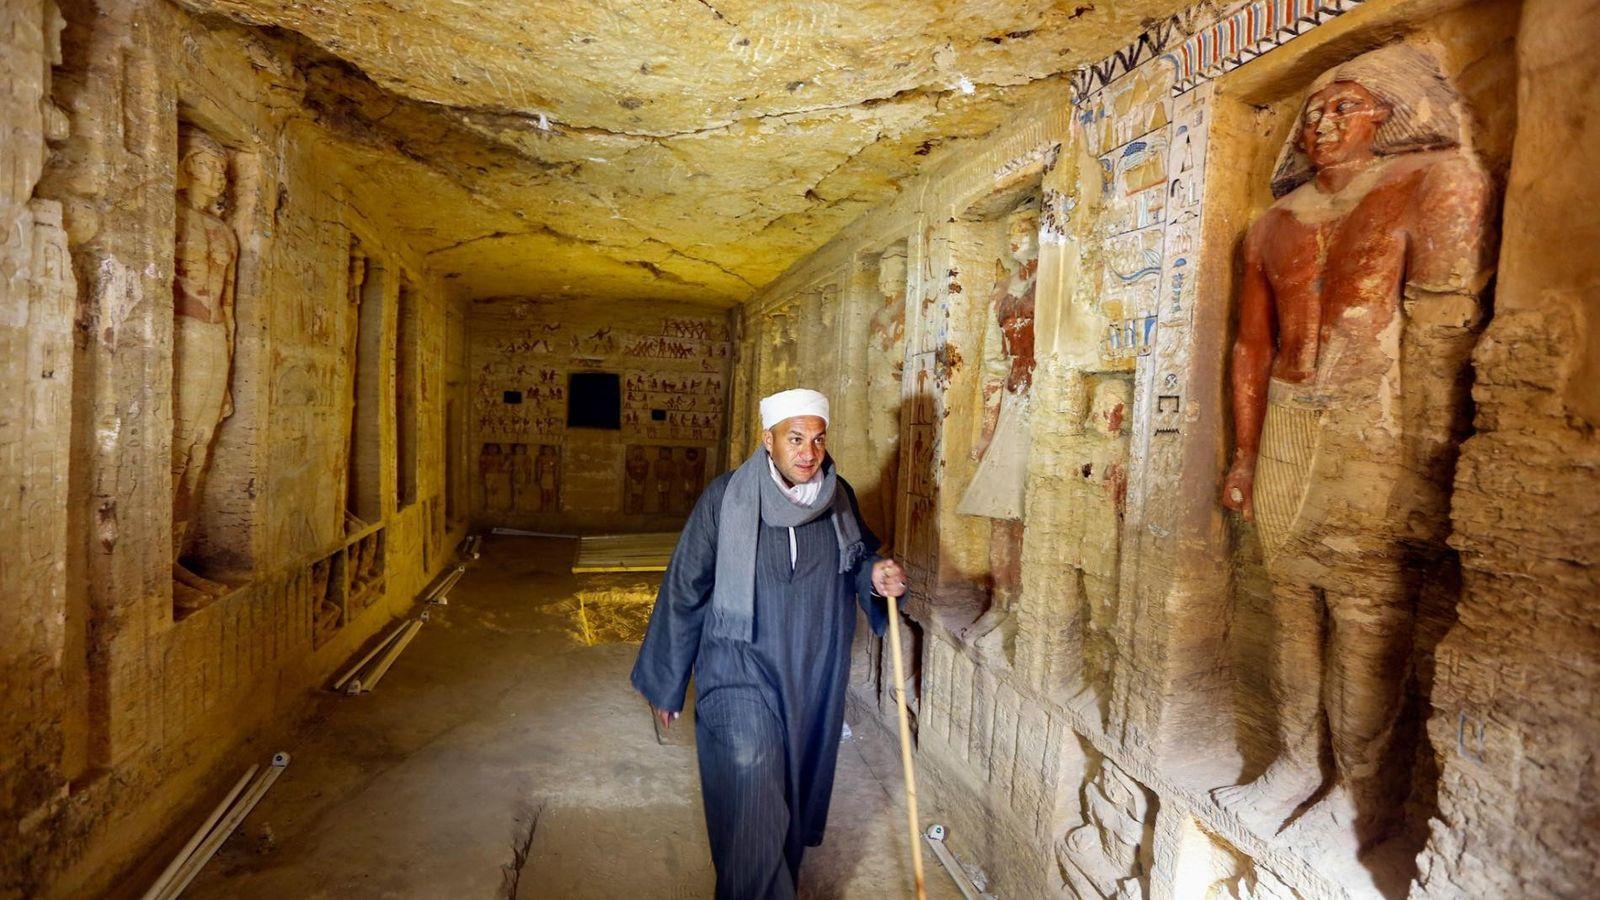 Une équipe d'archéologues égyptiens, dont Mustafa Abdo, responsable du personnel, a découvert le tombeau d'un prêtre ...